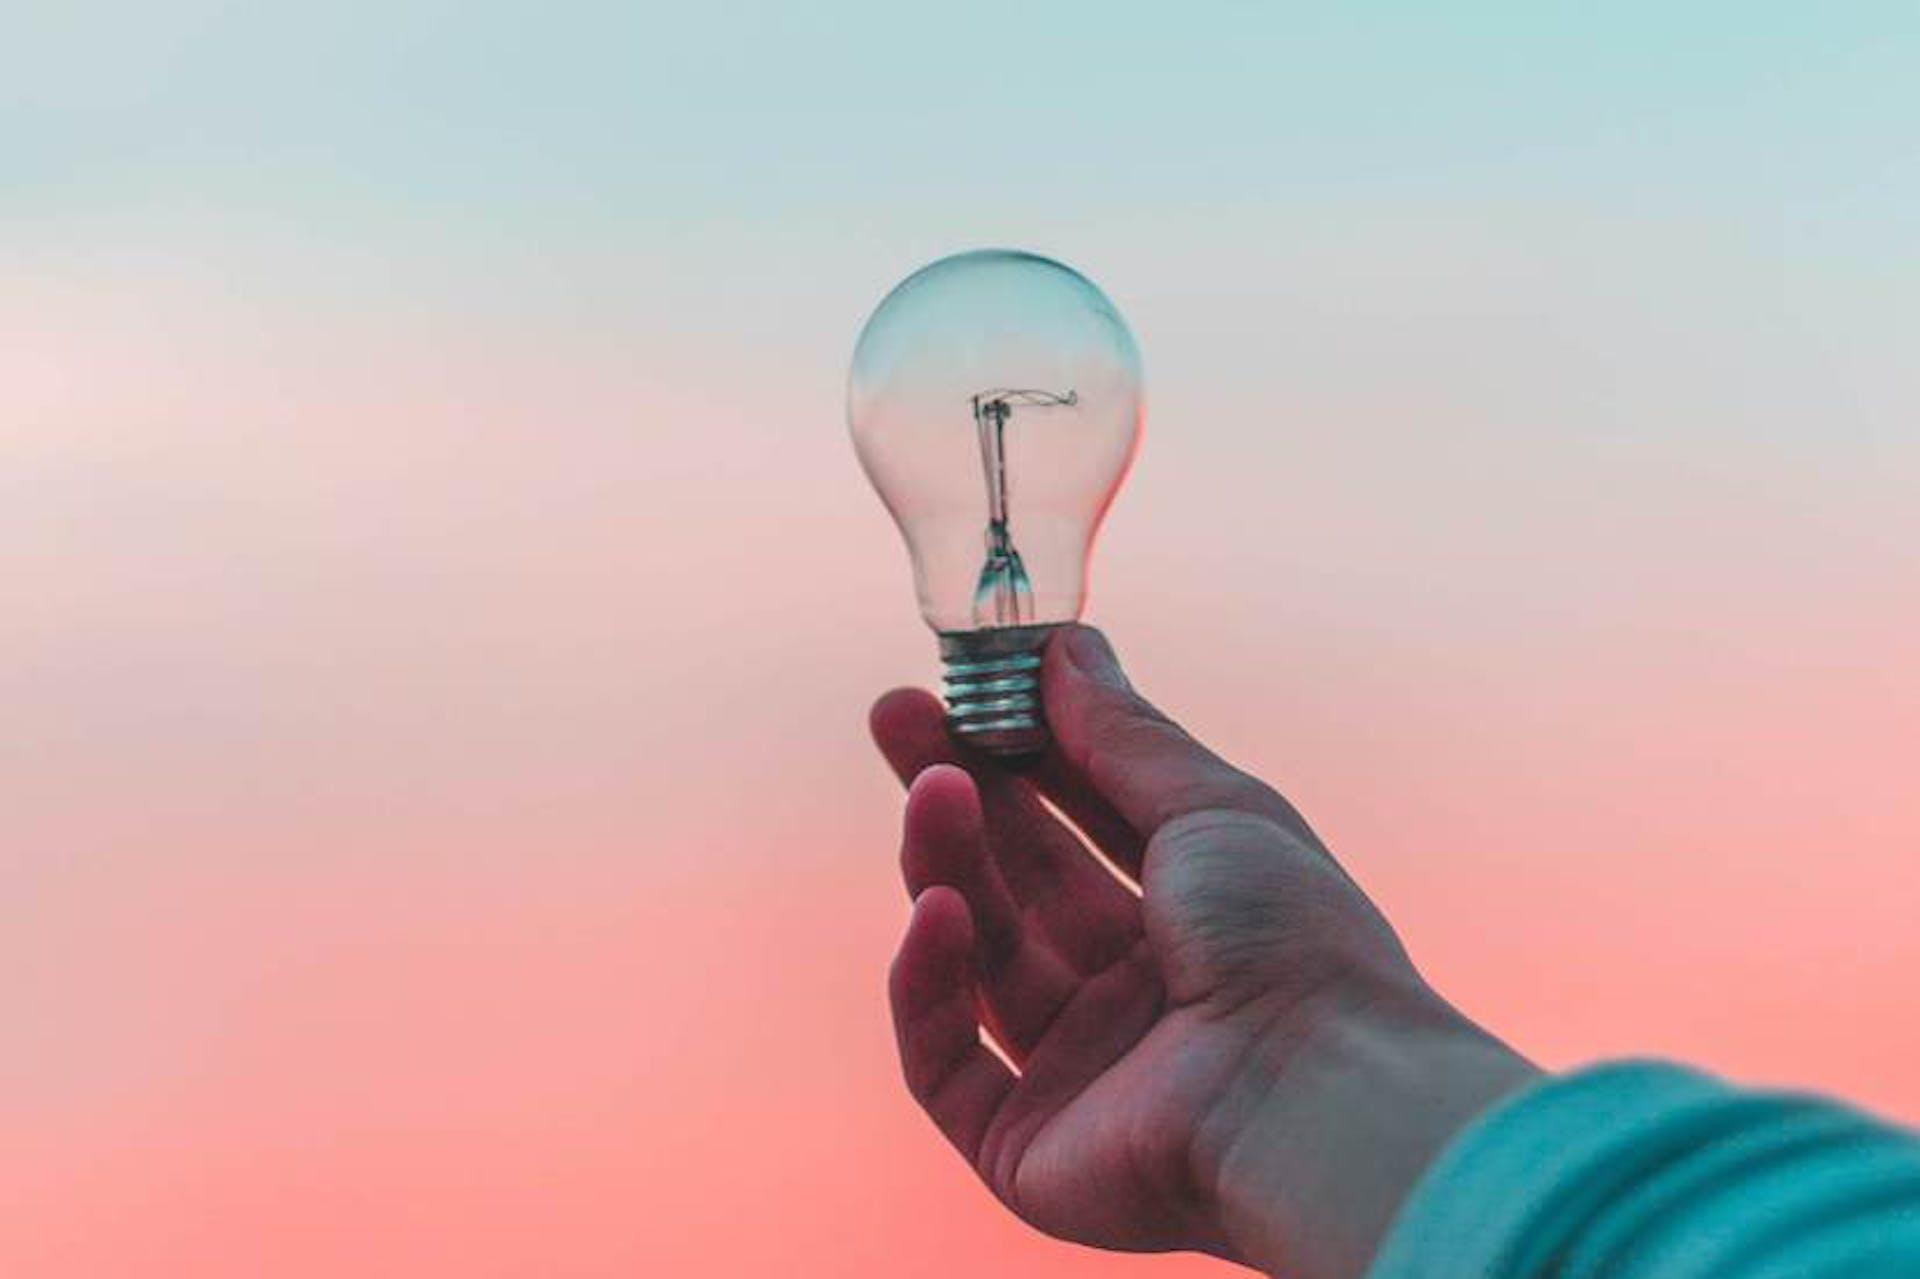 Man sieht eine ausgestreckte Hand, die eine Grlühbirne im Sonnenuntergang hält - als Metapher für unseren Beitrag zu Marketing Trends 2021